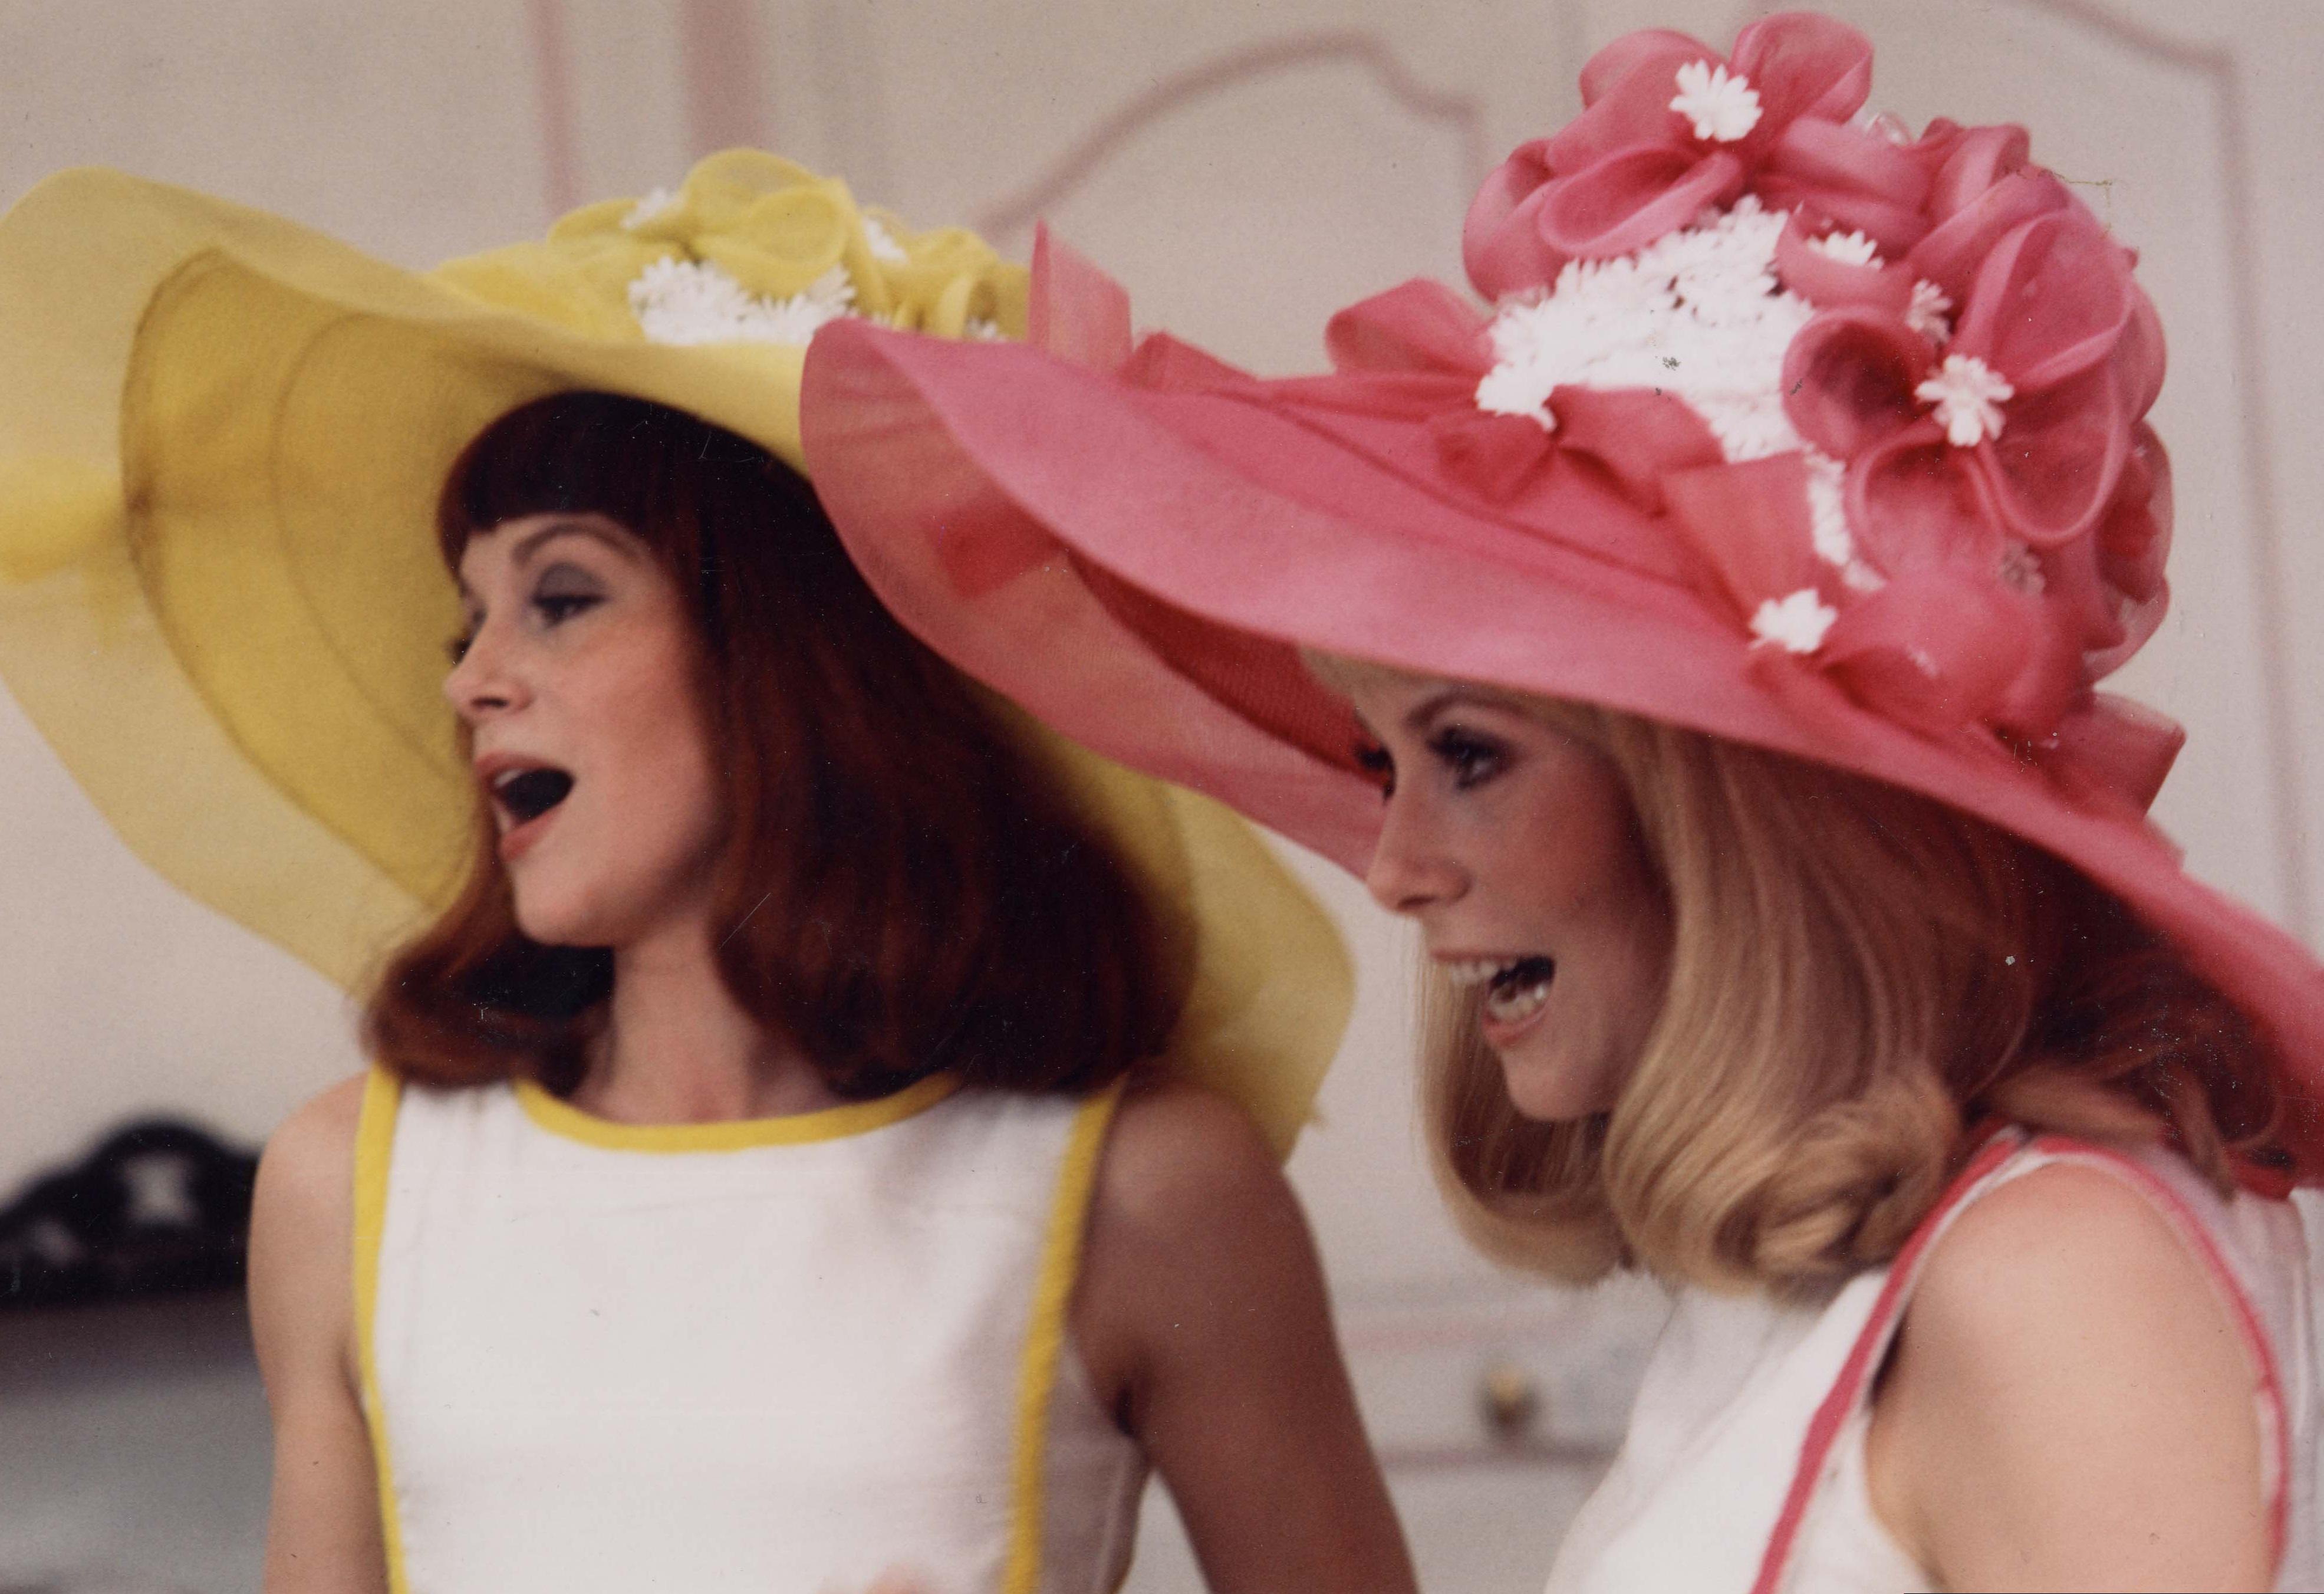 Les Demoiselles ont eu 25 ans - mk2 Films